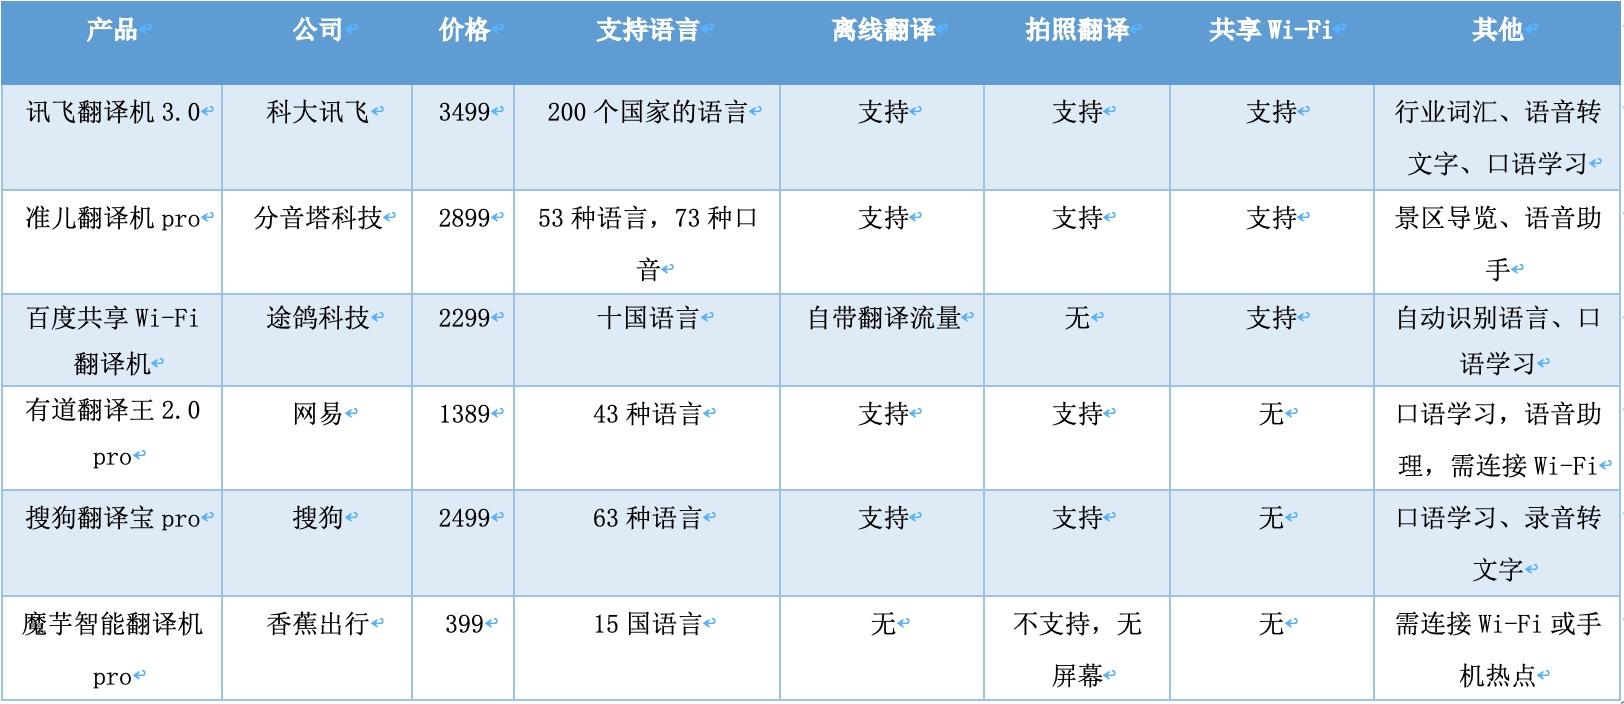 售价高、可替代性强,翻译机的旅游时机还有多久到?